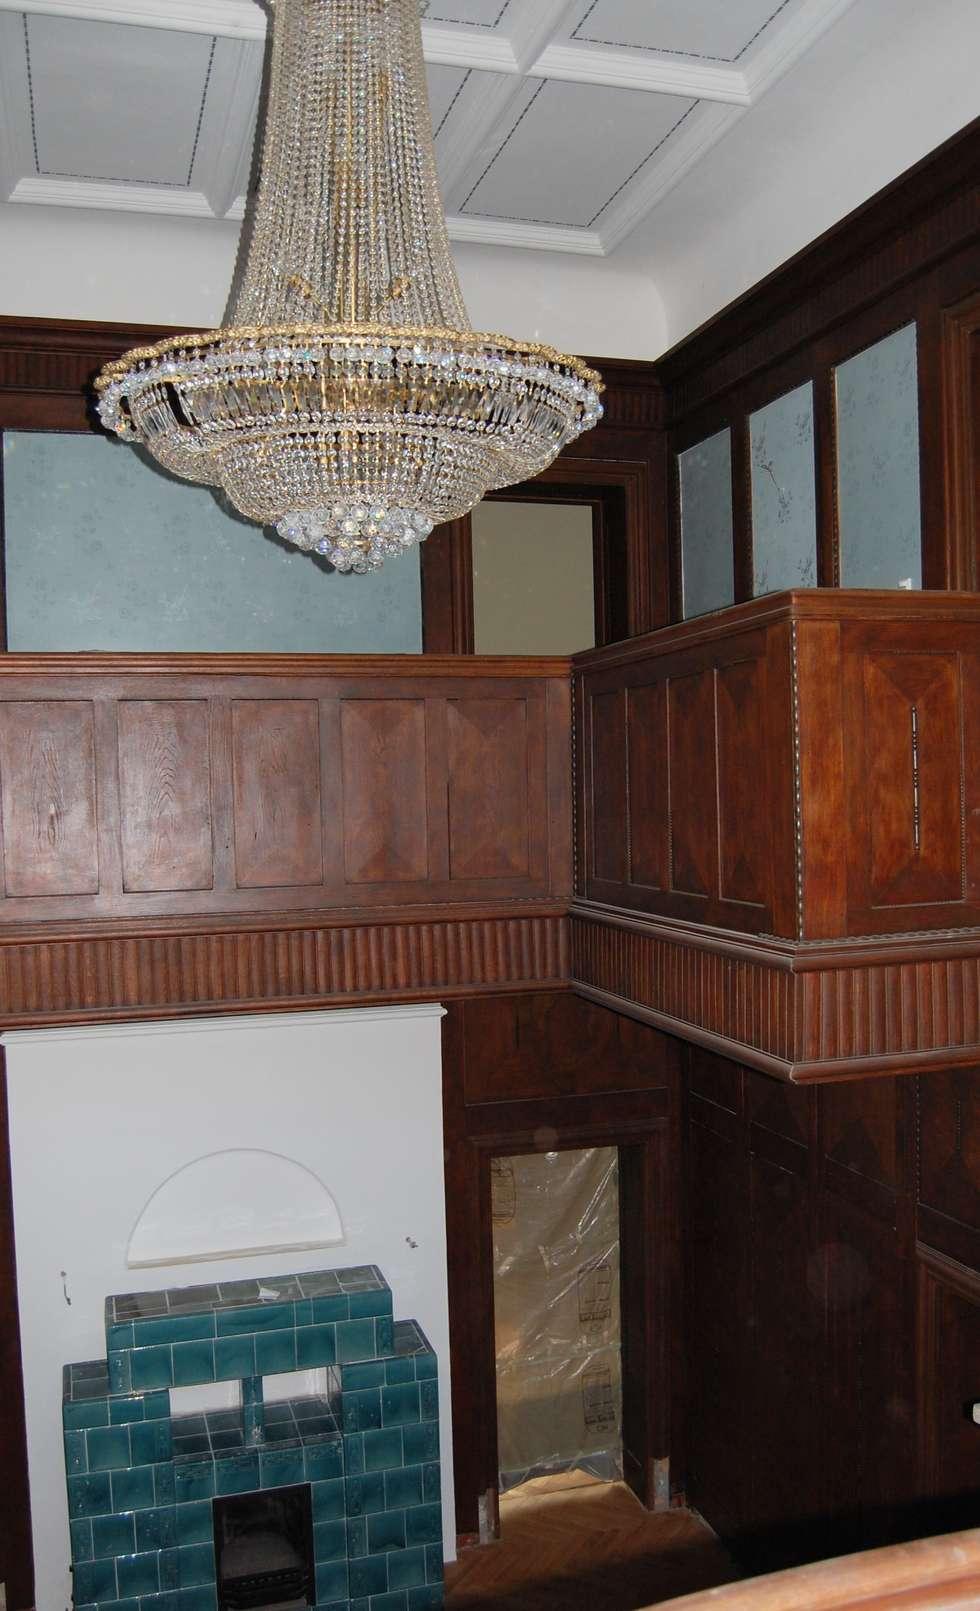 Foyergestaltung- Stoffimitation:  Flur & Diele von Wandmalerei & Oberflächenveredelungen